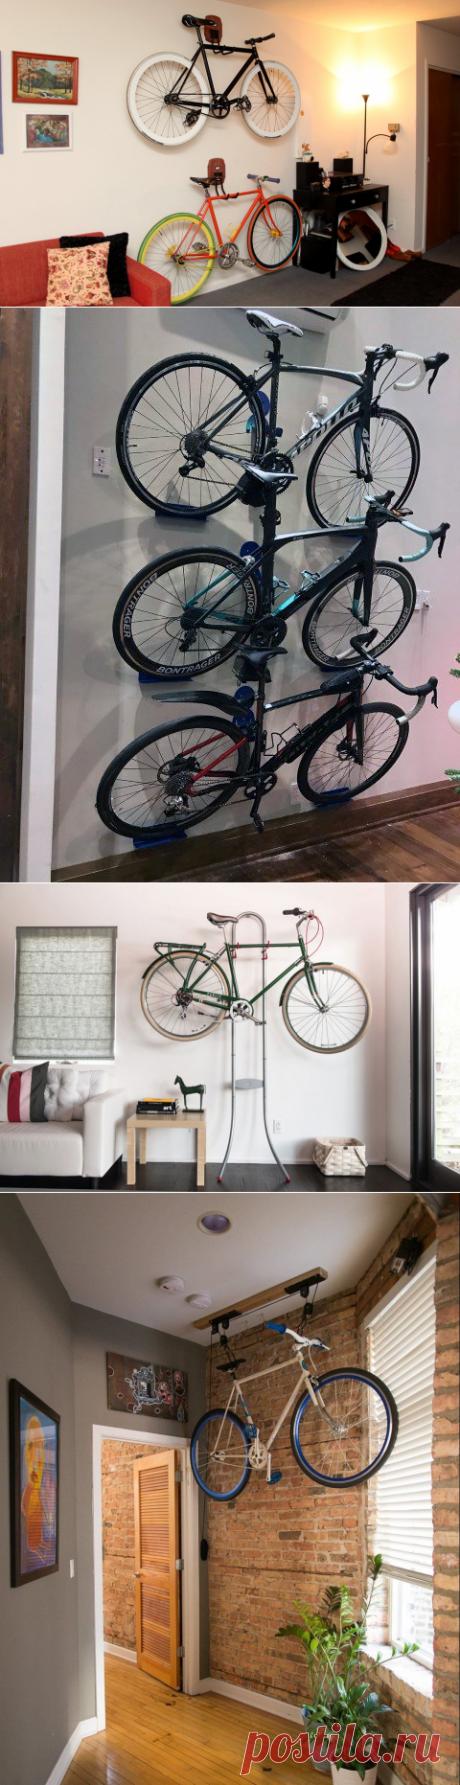 Где хранить велосипед в квартире: 10 отличных идей   Новости моды